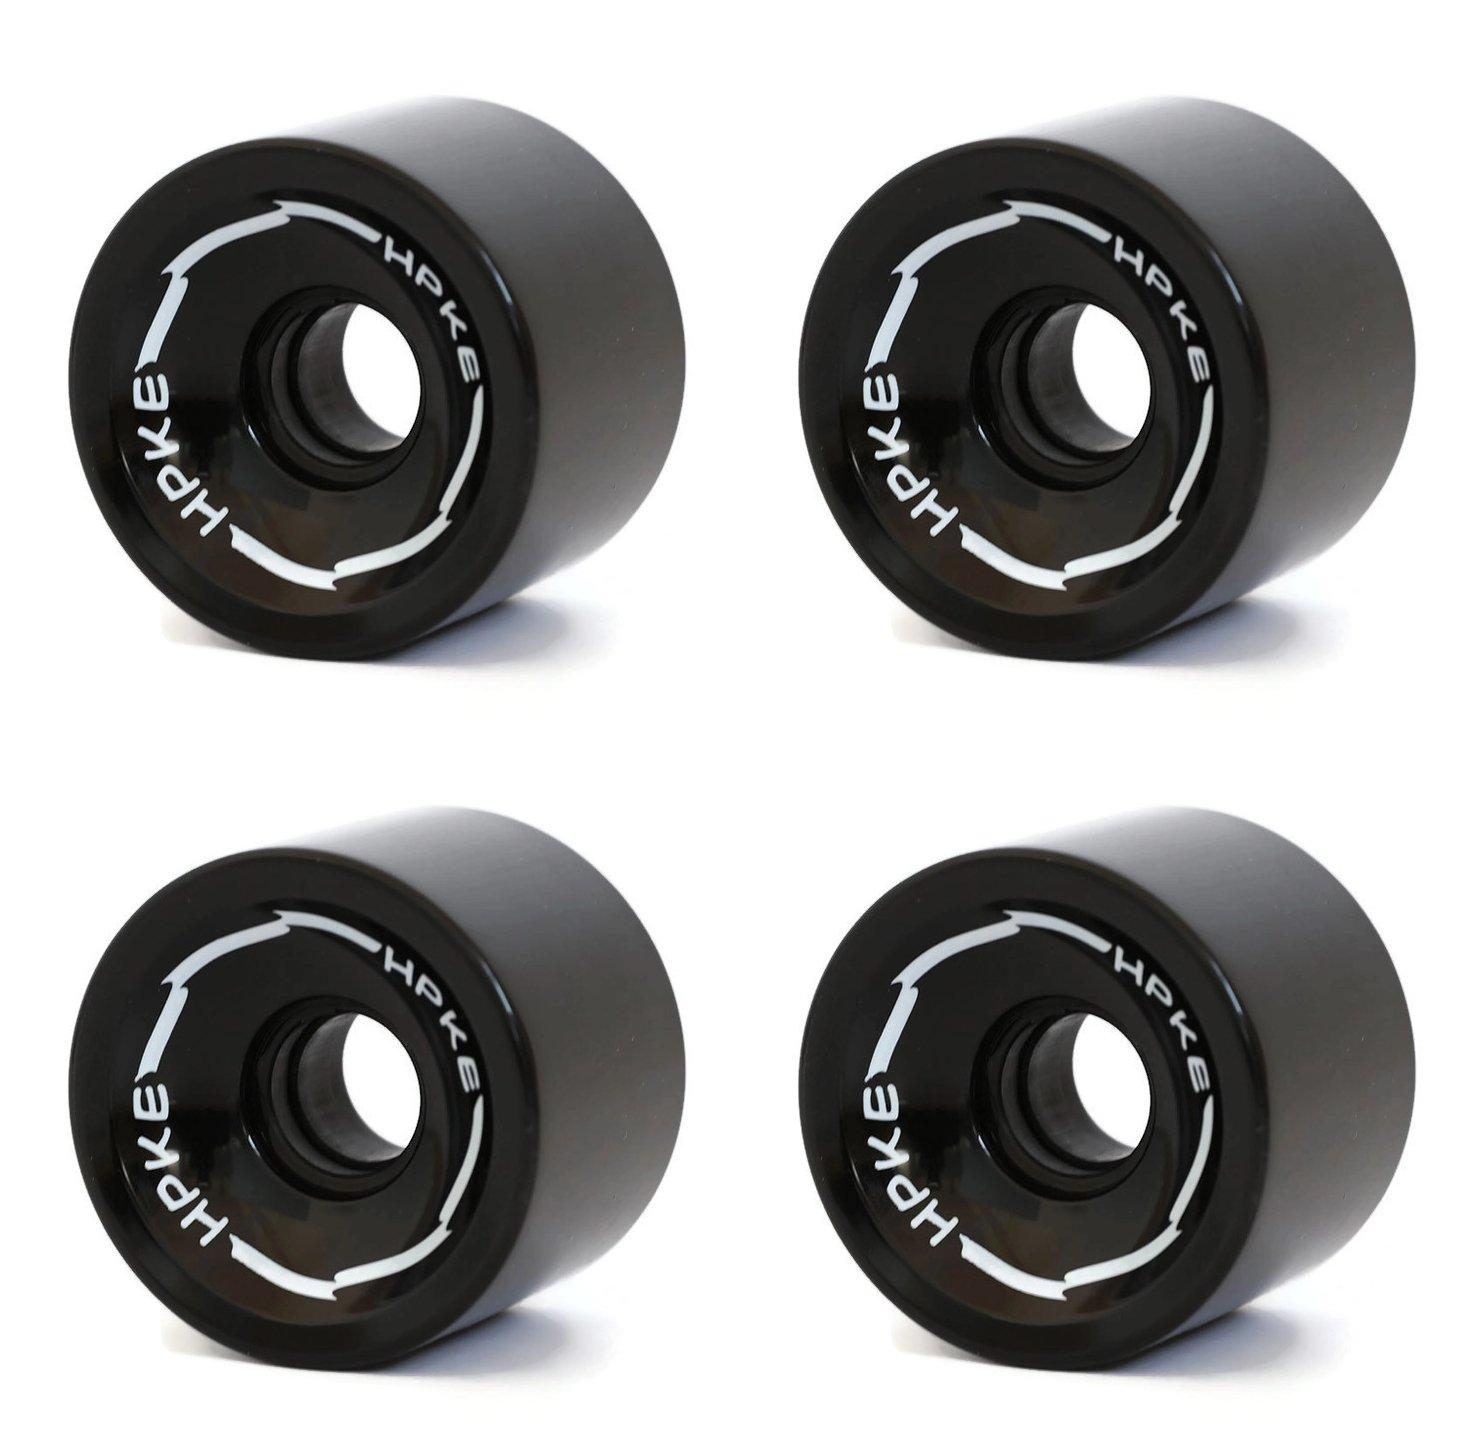 RaceBon 70mm Longboard Skateboard Wheels Dureza 78A Polyurethane Cruising Wheel Gratis ABEC-9 Rodamientos y espaciadores Set de 4 (Negro): Amazon.es: ...